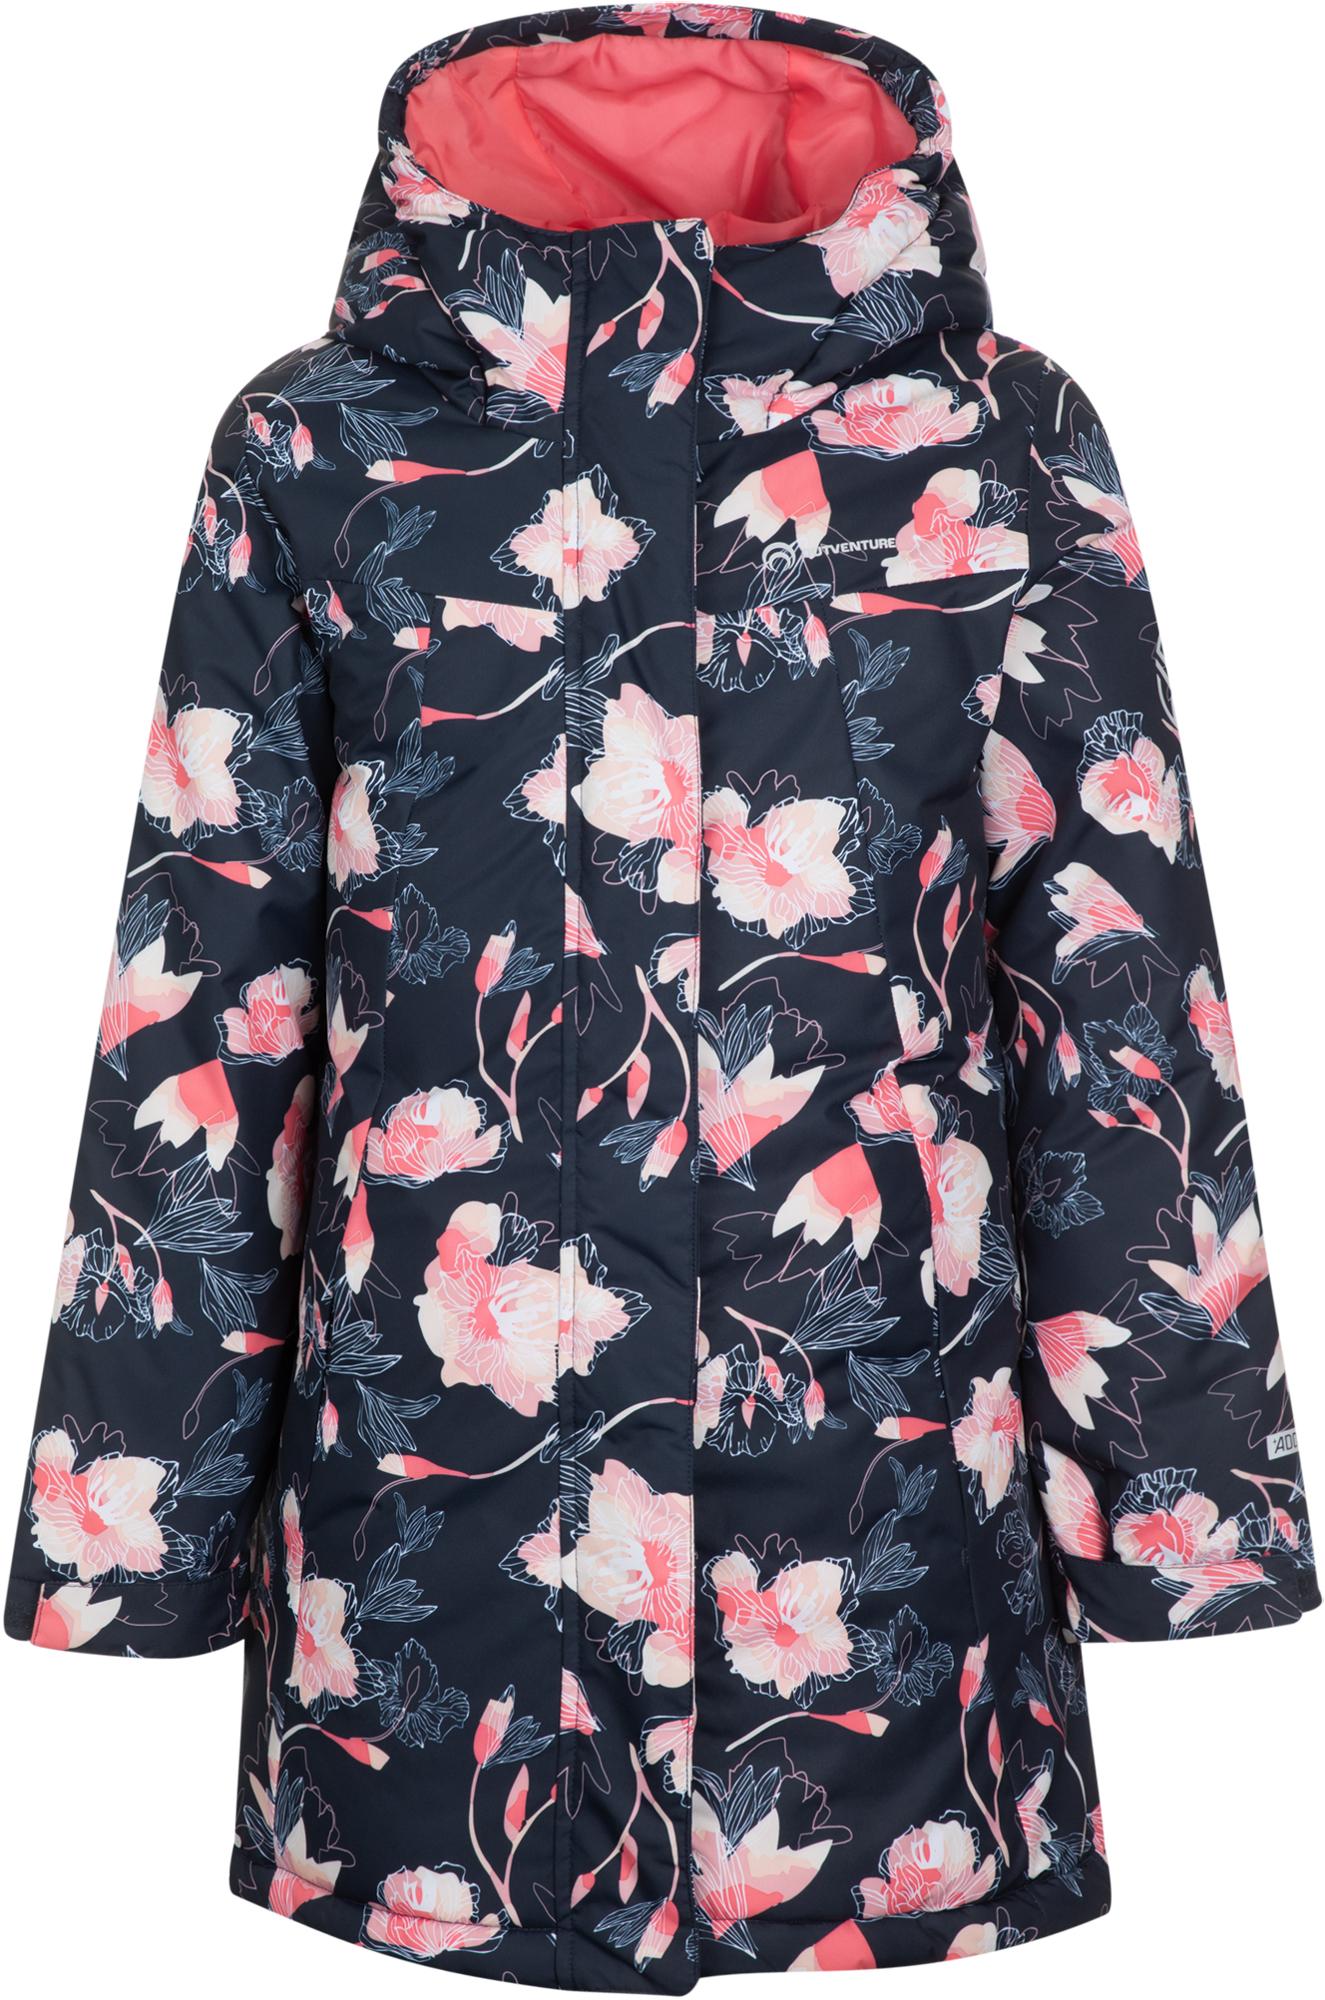 Фото - Outventure Куртка утепленная для девочек Outventure, размер 134 outventure куртка утепленная для девочек outventure размер 134